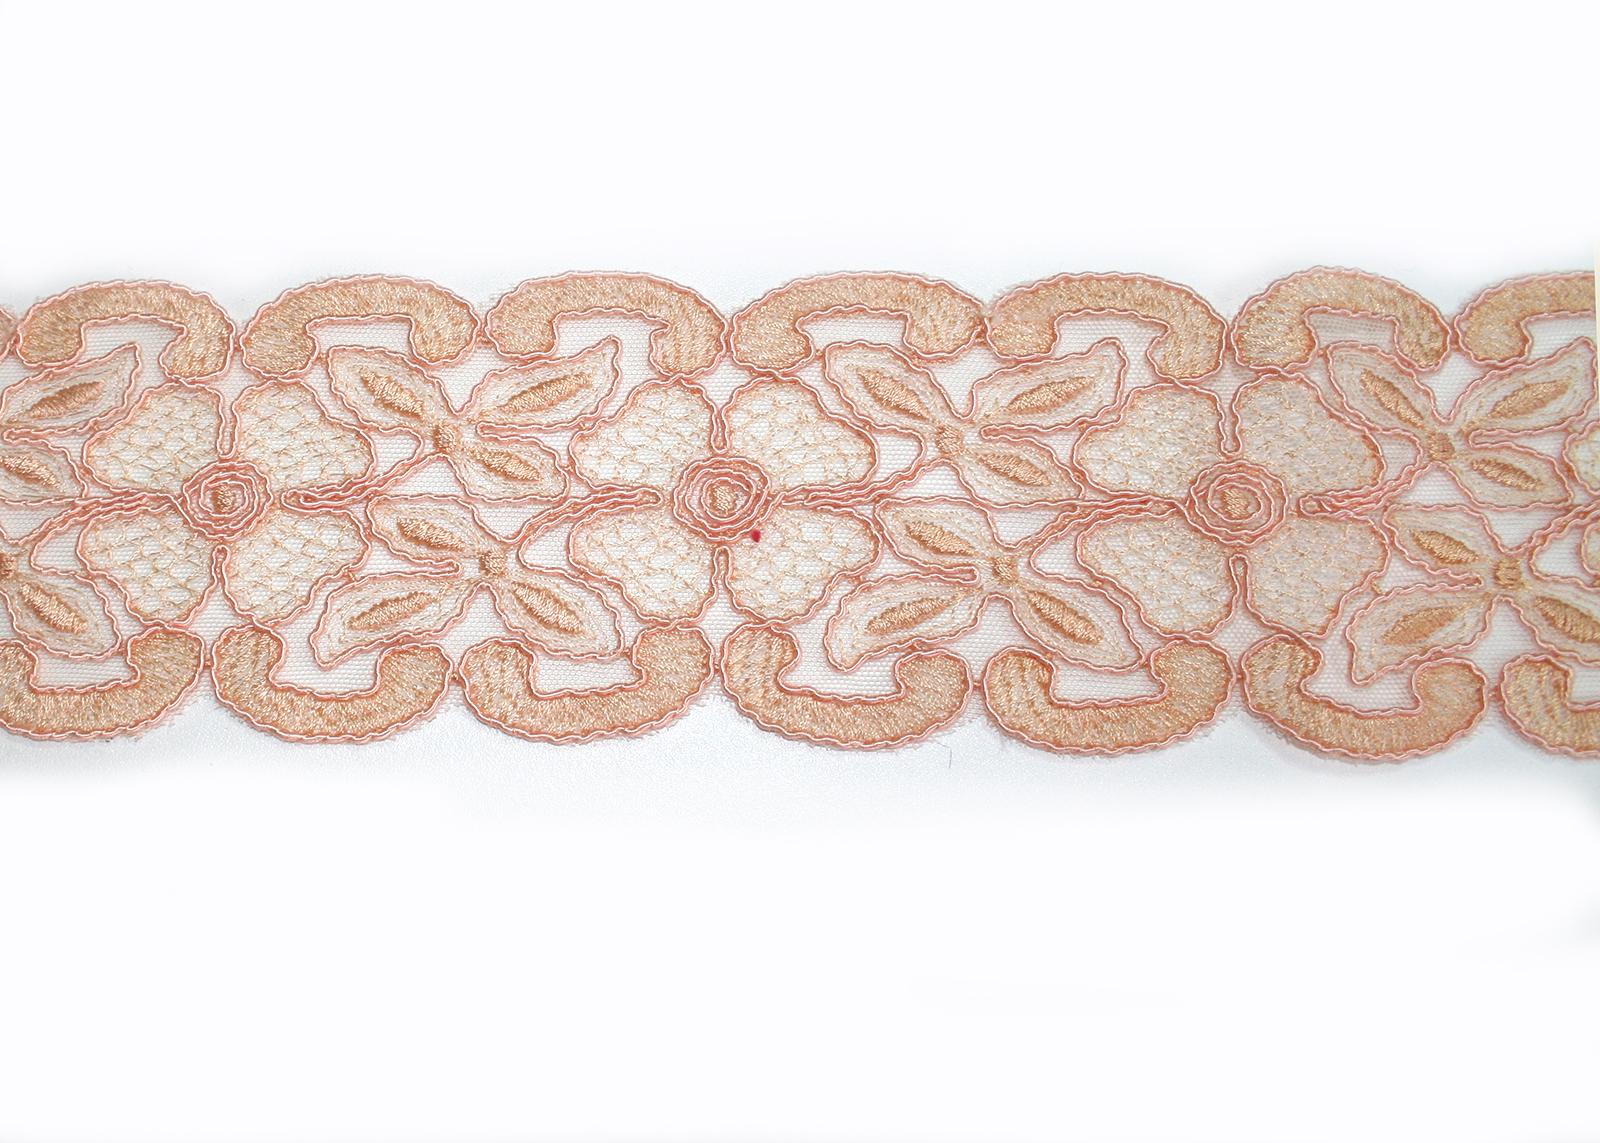 Peach Bridal Border Trim Tulle Metallic Thread Embroidery Neckline Vail Hem Belt Cuffs Wedding ...